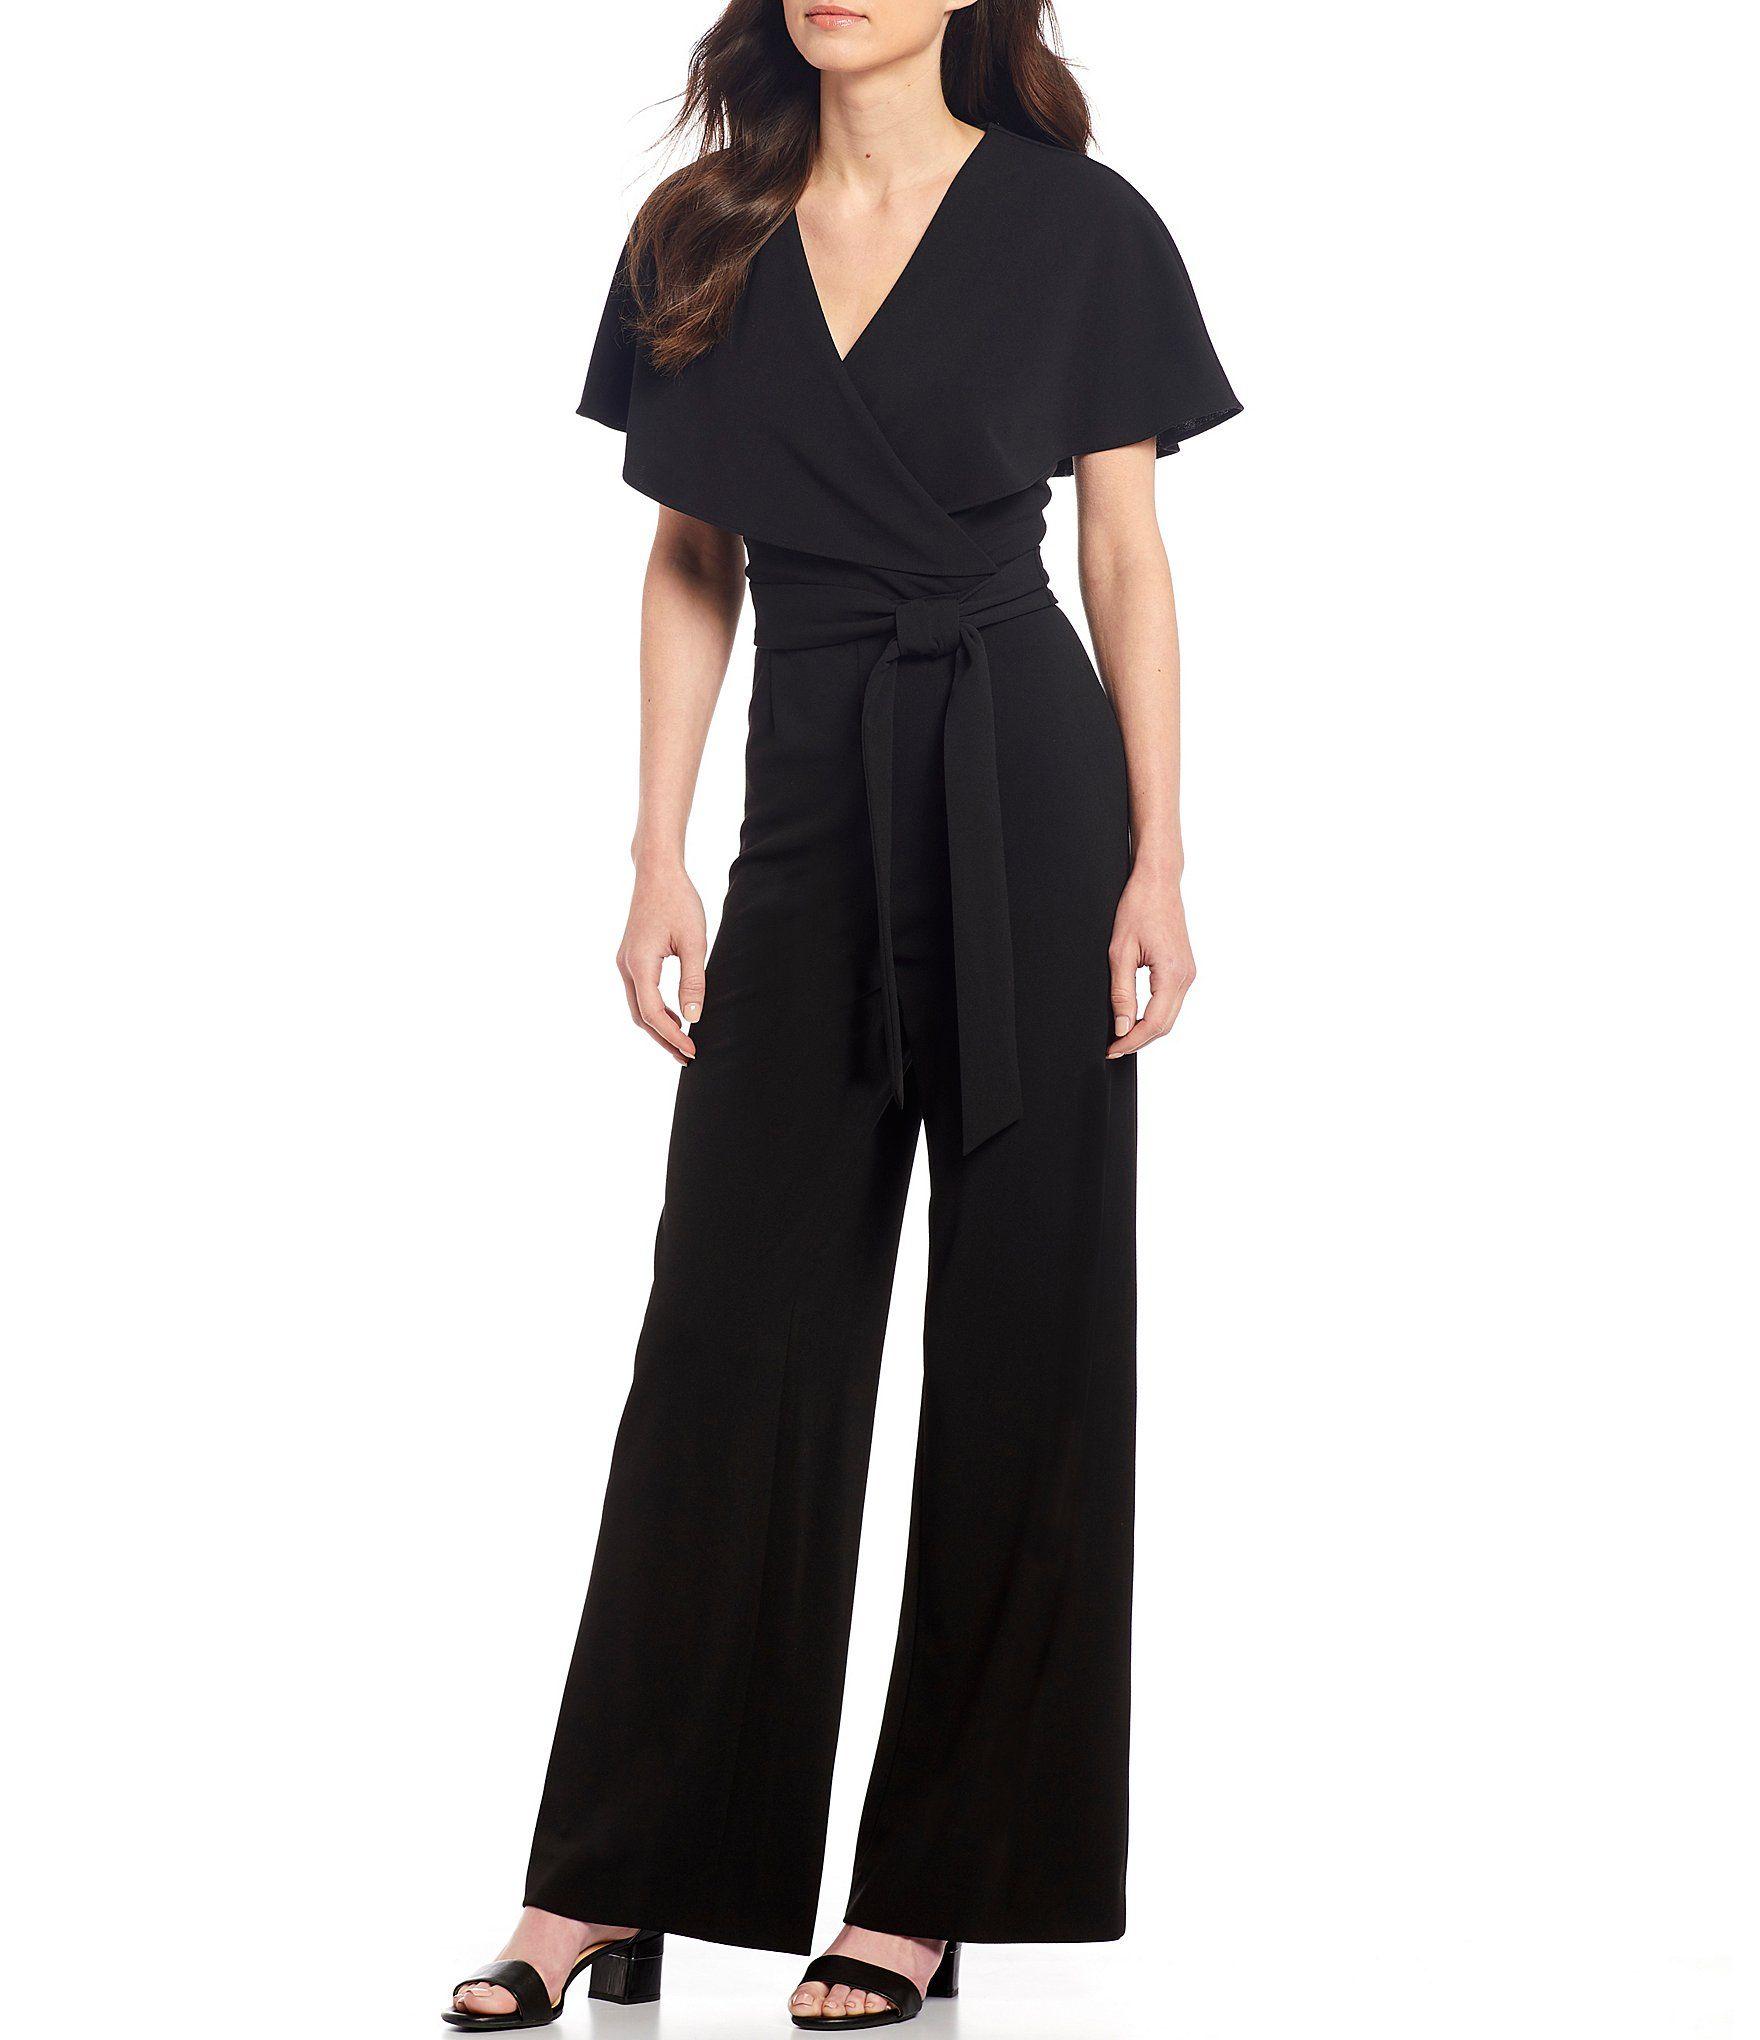 Alex Marie Beth Wrap Cape Sleeve Machine Washable Jumpsuit Dillard S In 2021 Black Dresses Classy Fancy Jumpsuit Elegant Jumpsuit Classy [ 2040 x 1760 Pixel ]